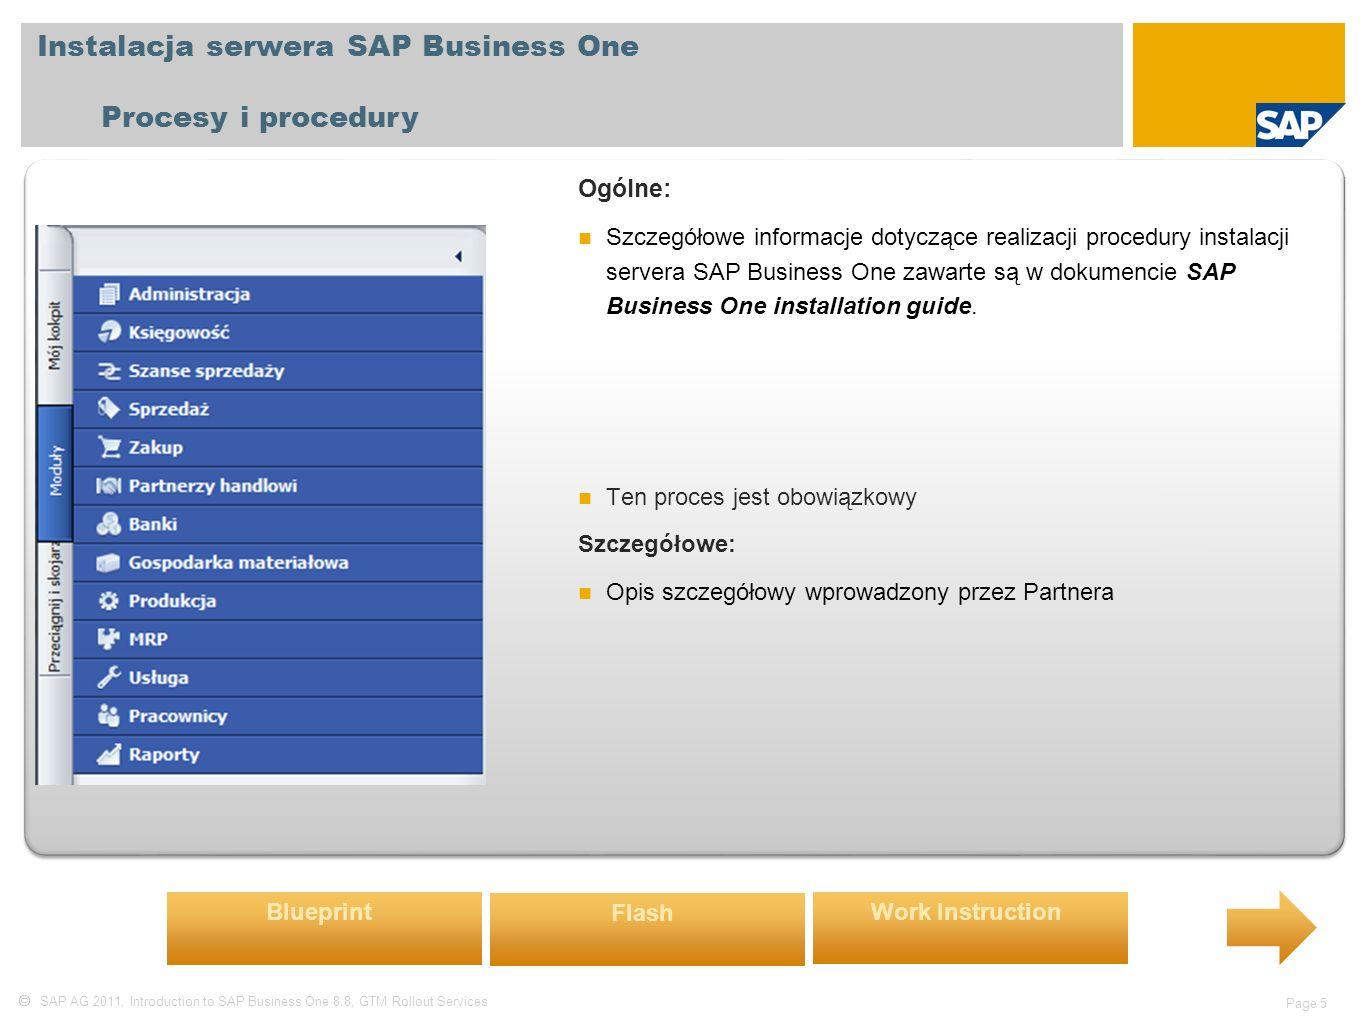  SAP AG 2011, Introduction to SAP Business One 8.8, GTM Rollout Services Page 6 Instalacja klienta SAP Business One Procesy i procedury Ogólne: Szczegółowe informacje dotyczące realizacji procedury instalacji klienta SAP Business One zawarte są w dokumencie SAP Business One installation guide.